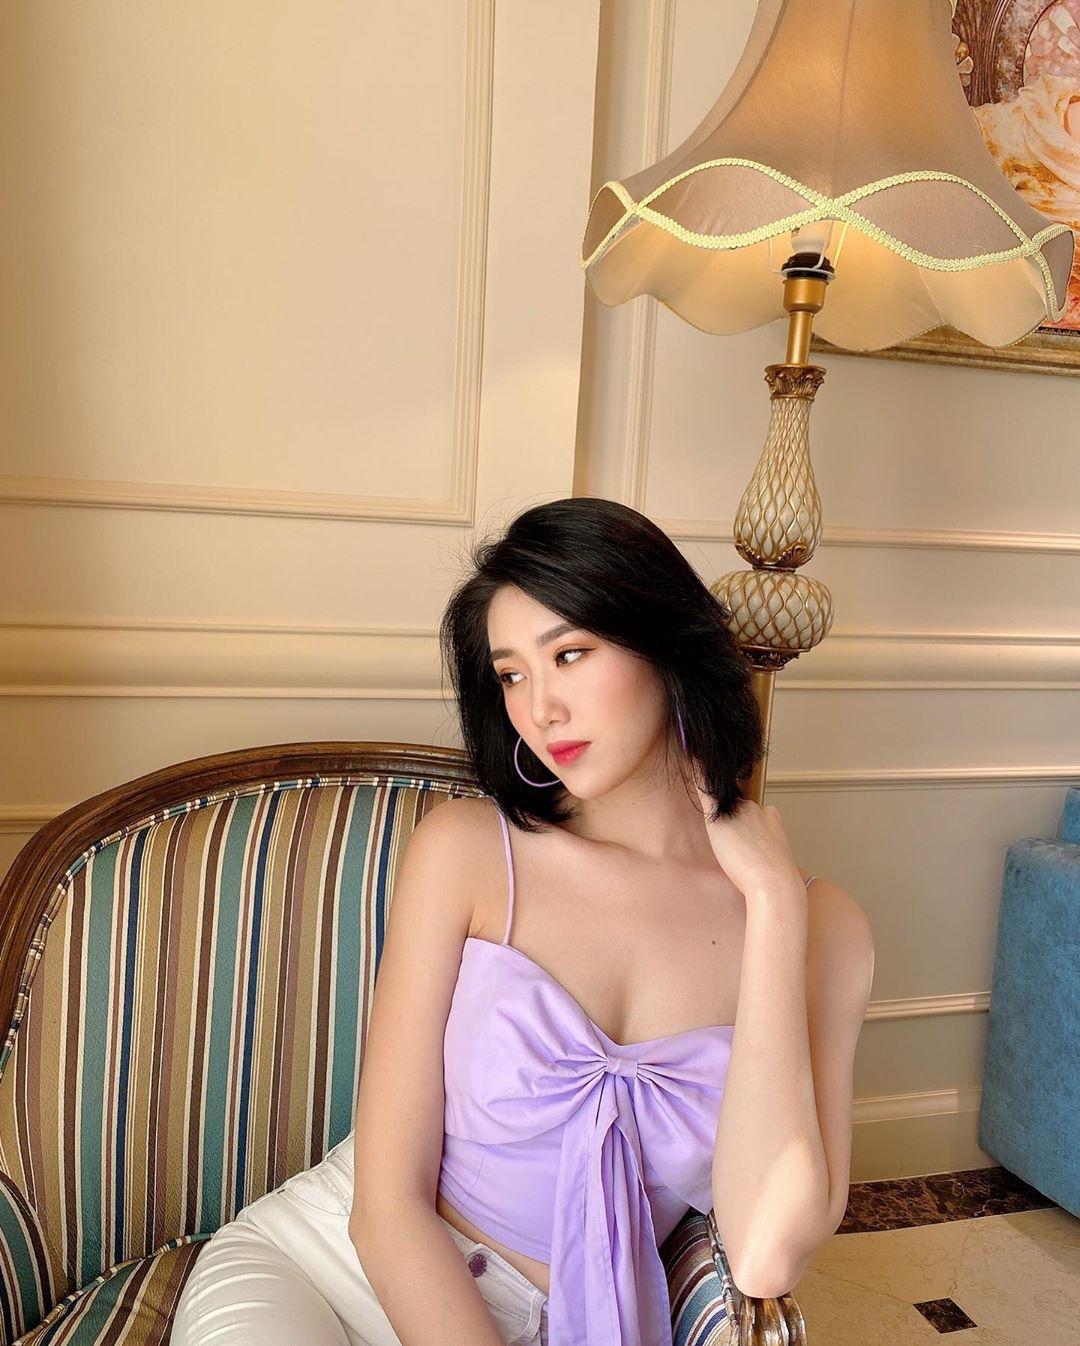 Đi đôi giày 120k mà lại nhầm sang giàu hiệu 20 triệu của Hari Won, Thúy Ngân cuống cuồng thanh minh mà không kịp - Ảnh 9.